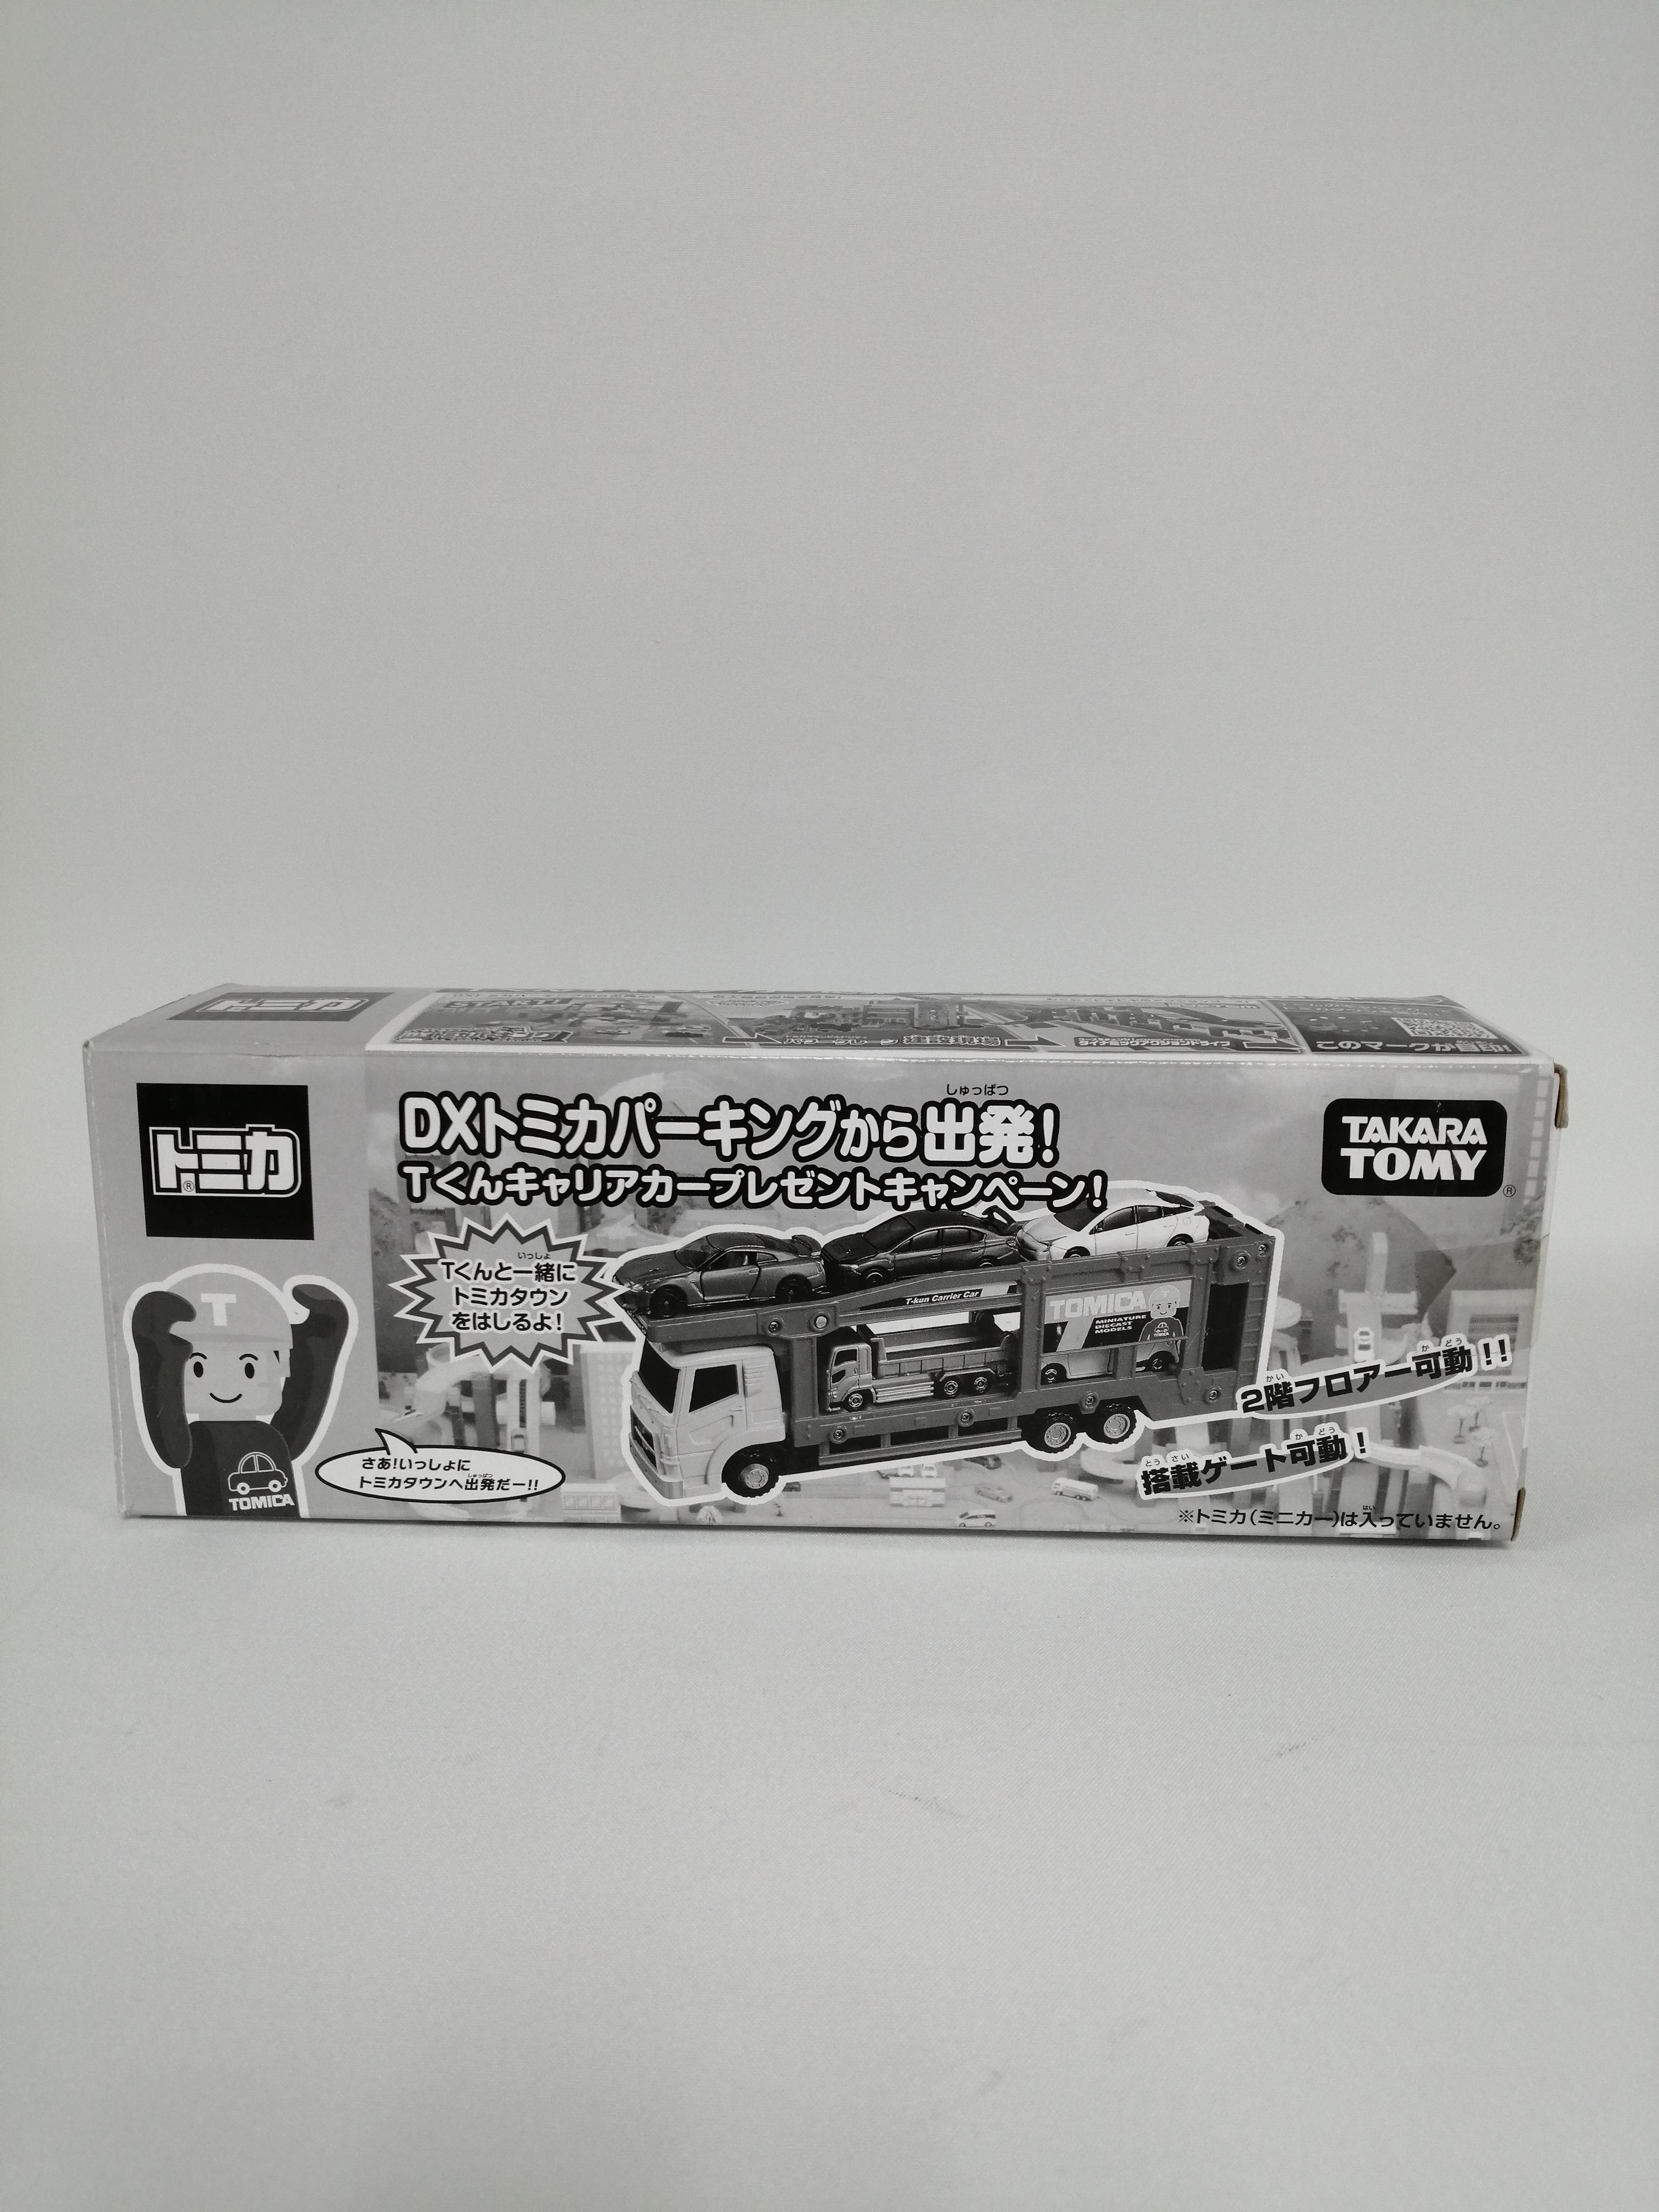 【開封品】トミカ DXトミカパーキングから出発! TAKARA TOMY